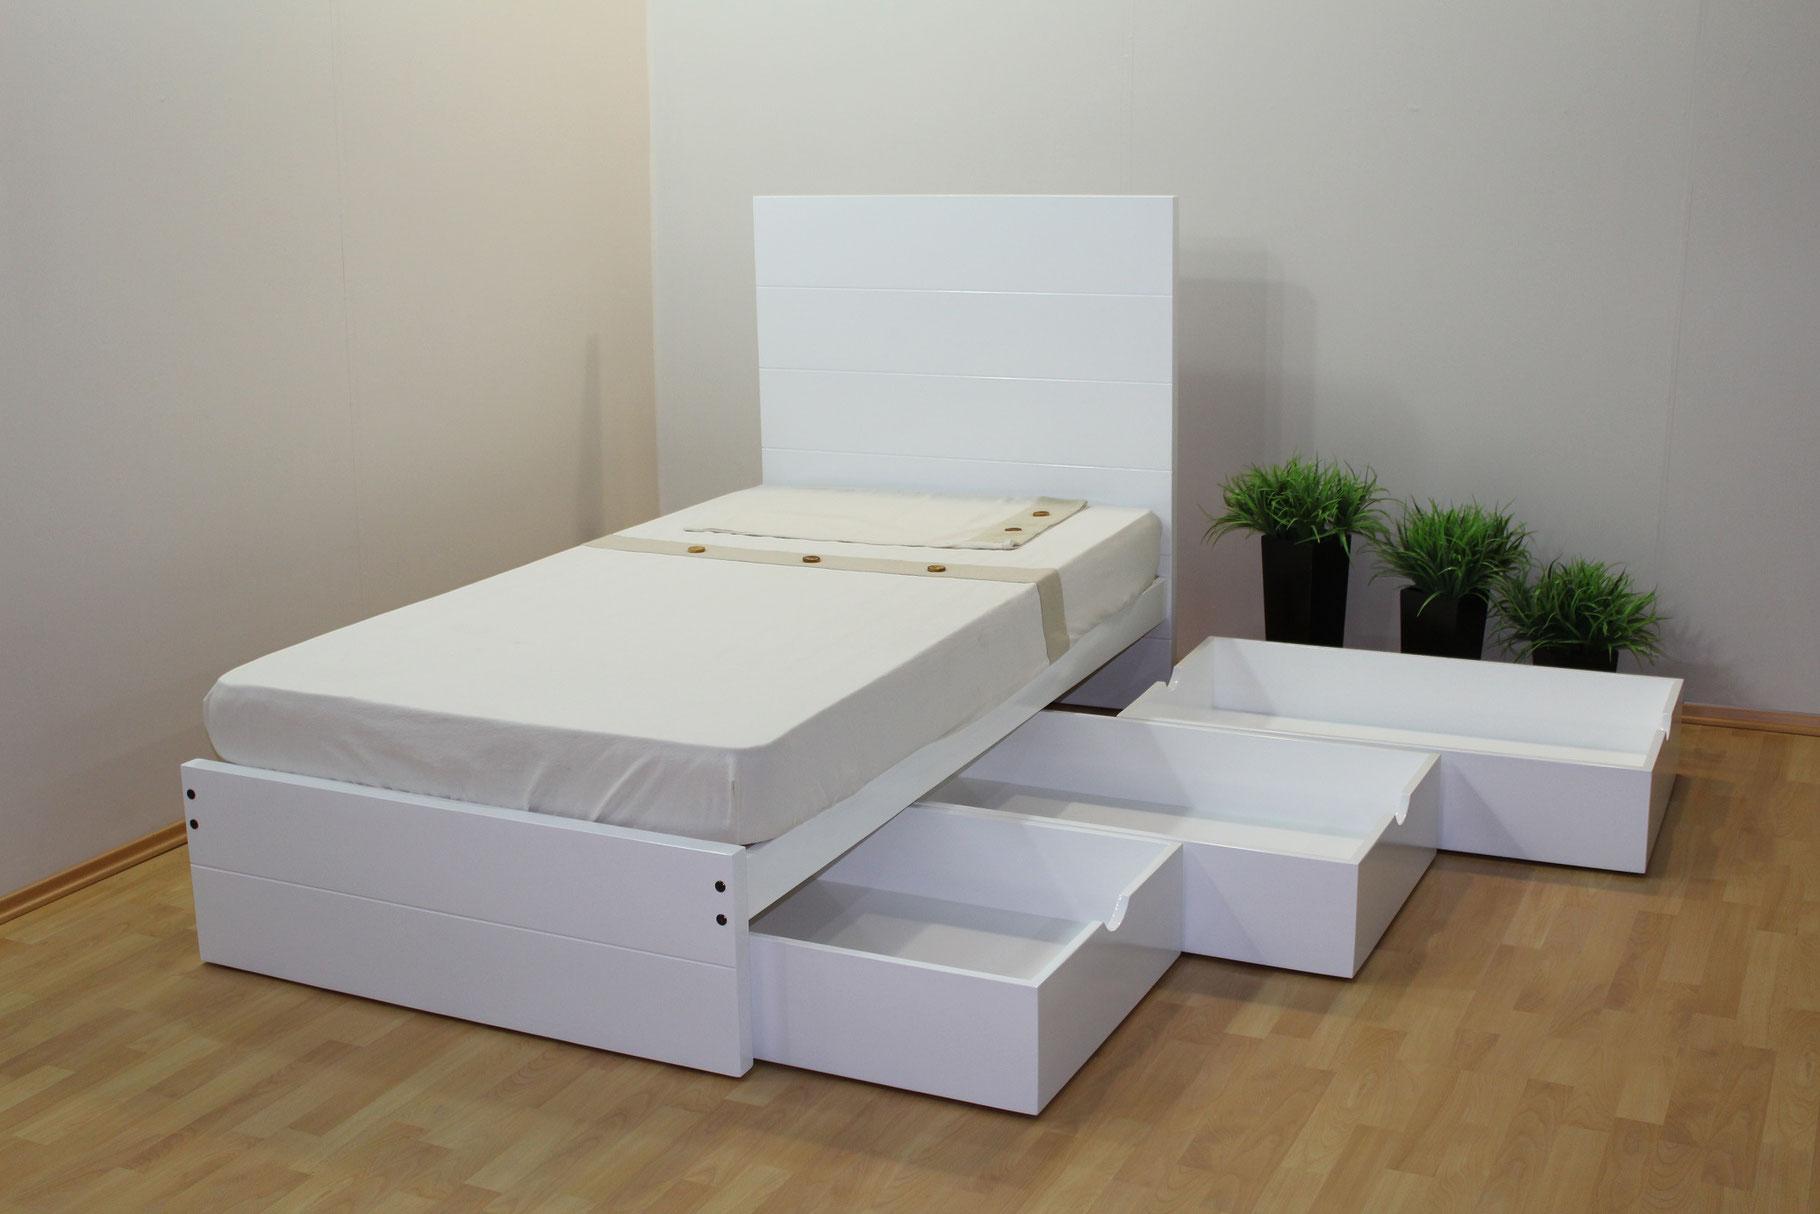 Cama Modelo Tambor Con Tres Cajones - Muebles GM (Muebles de Madera)